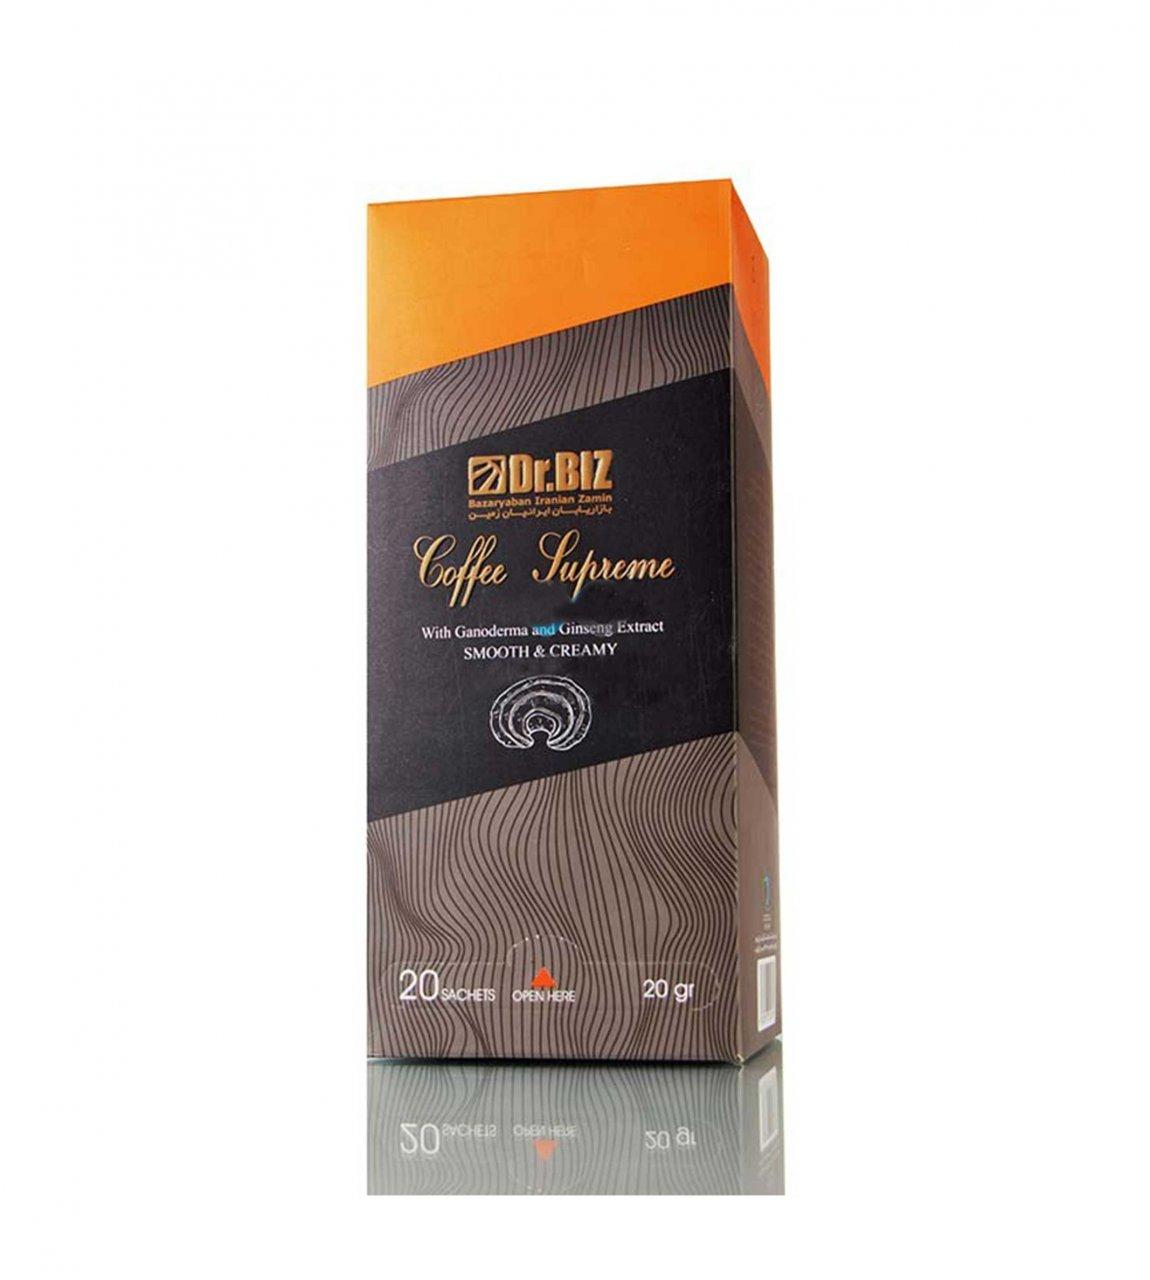 قهوه گانودرما سوپریم دکتر بیز 20 عددی + ارسال رایگان